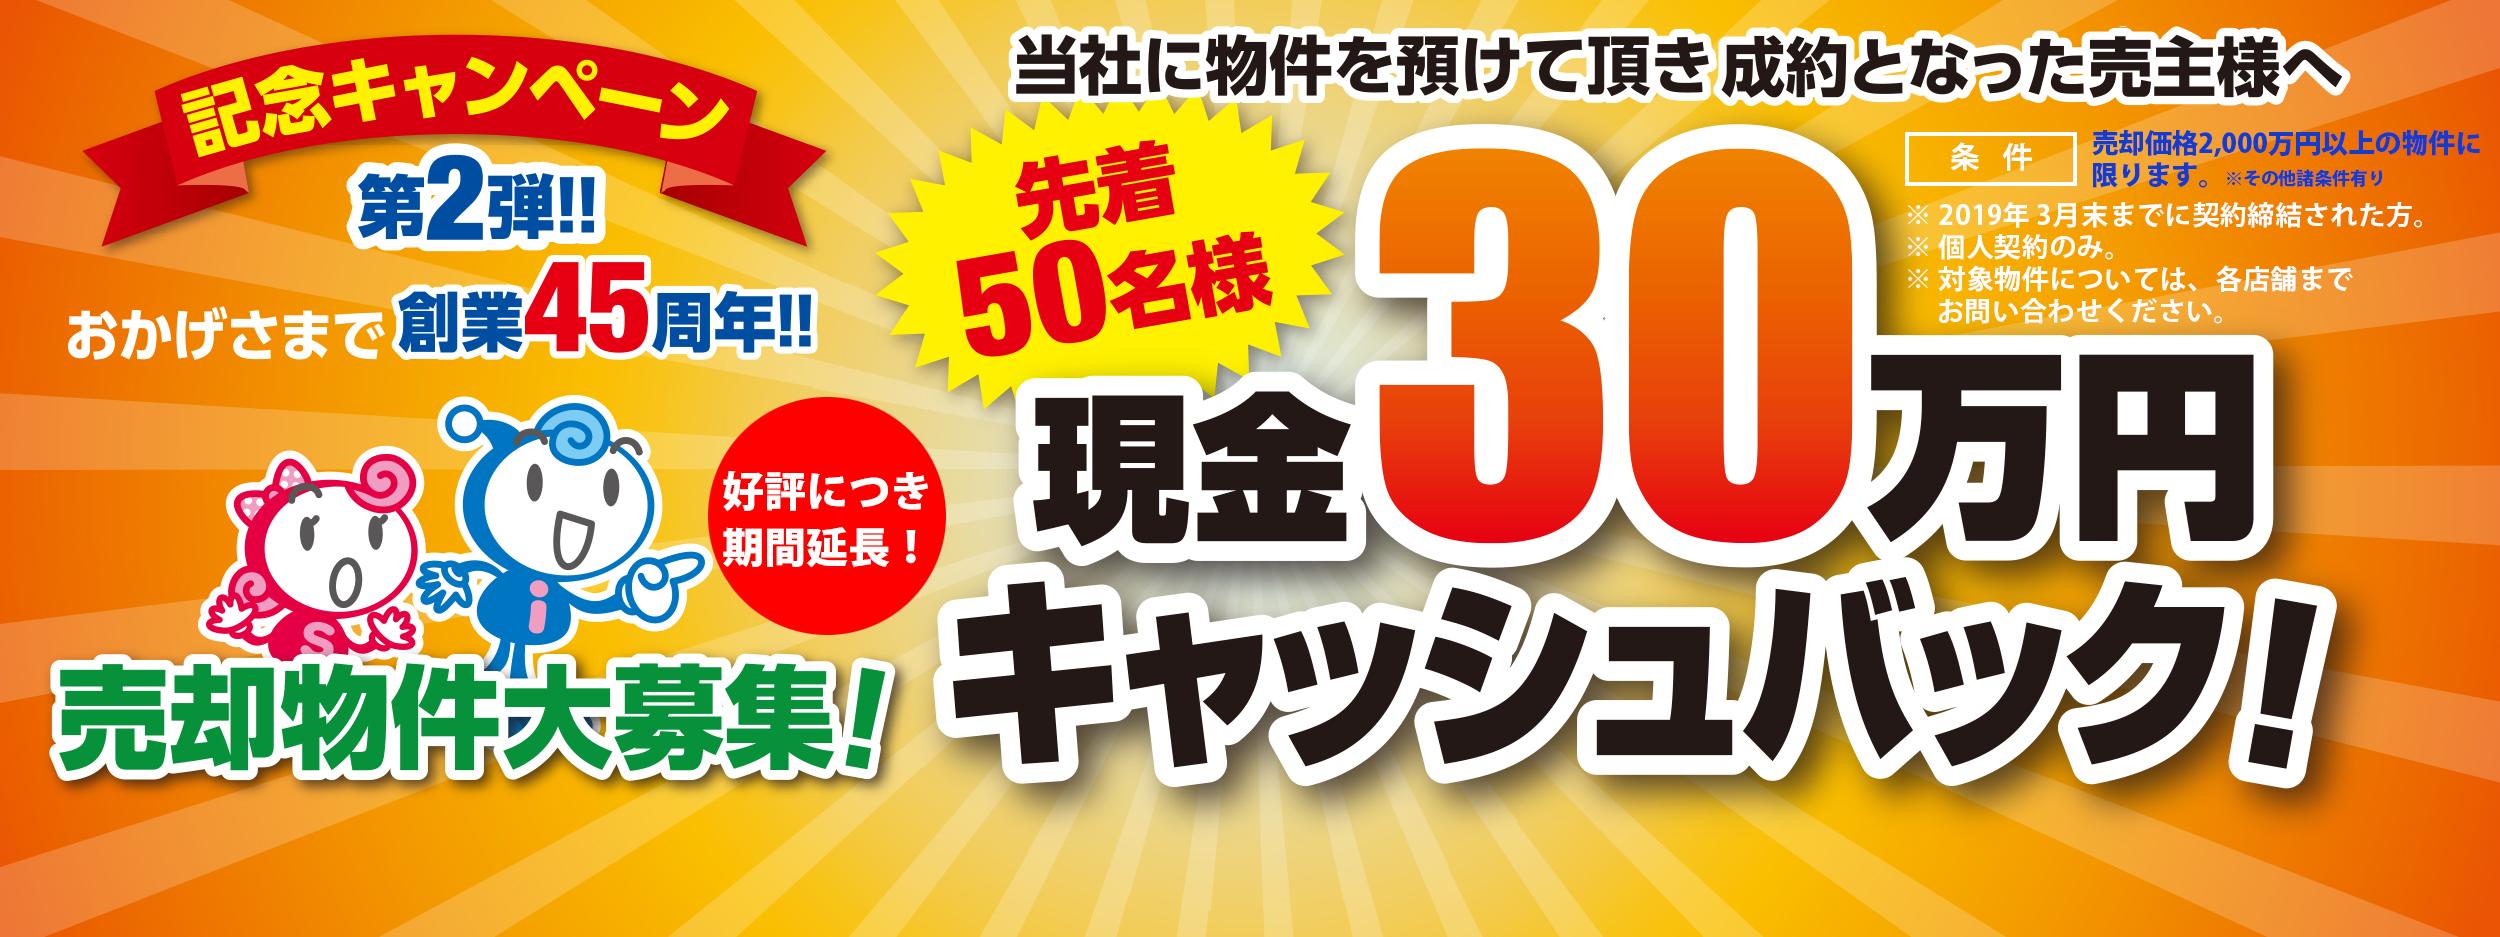 30万円キャッシュバックキャンペーン